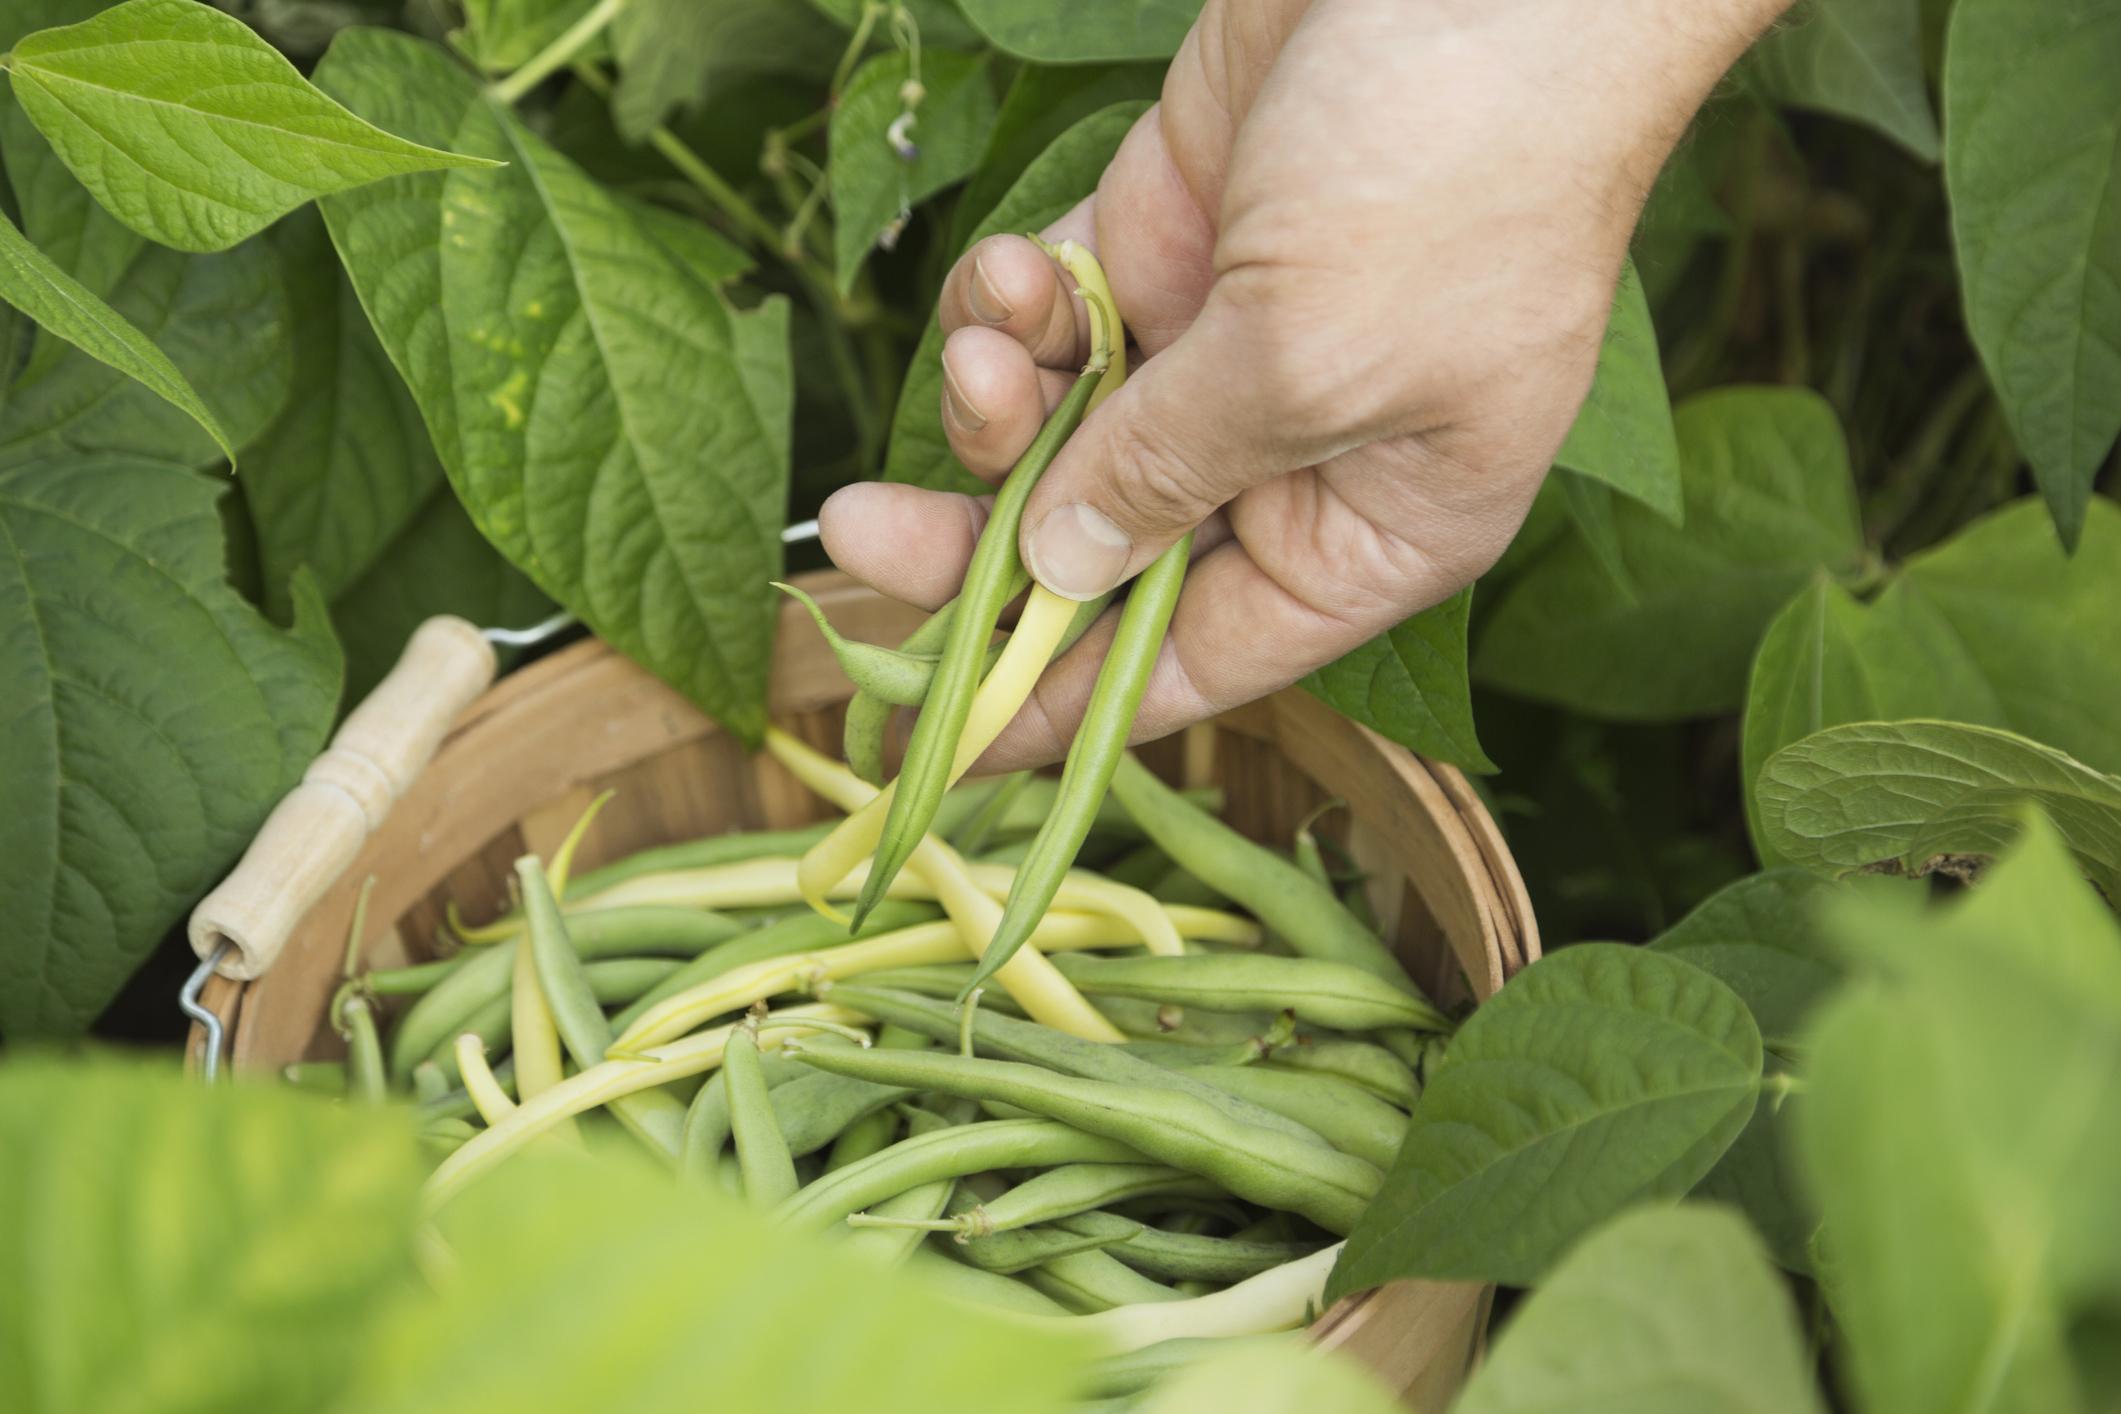 Freshly harvested beans